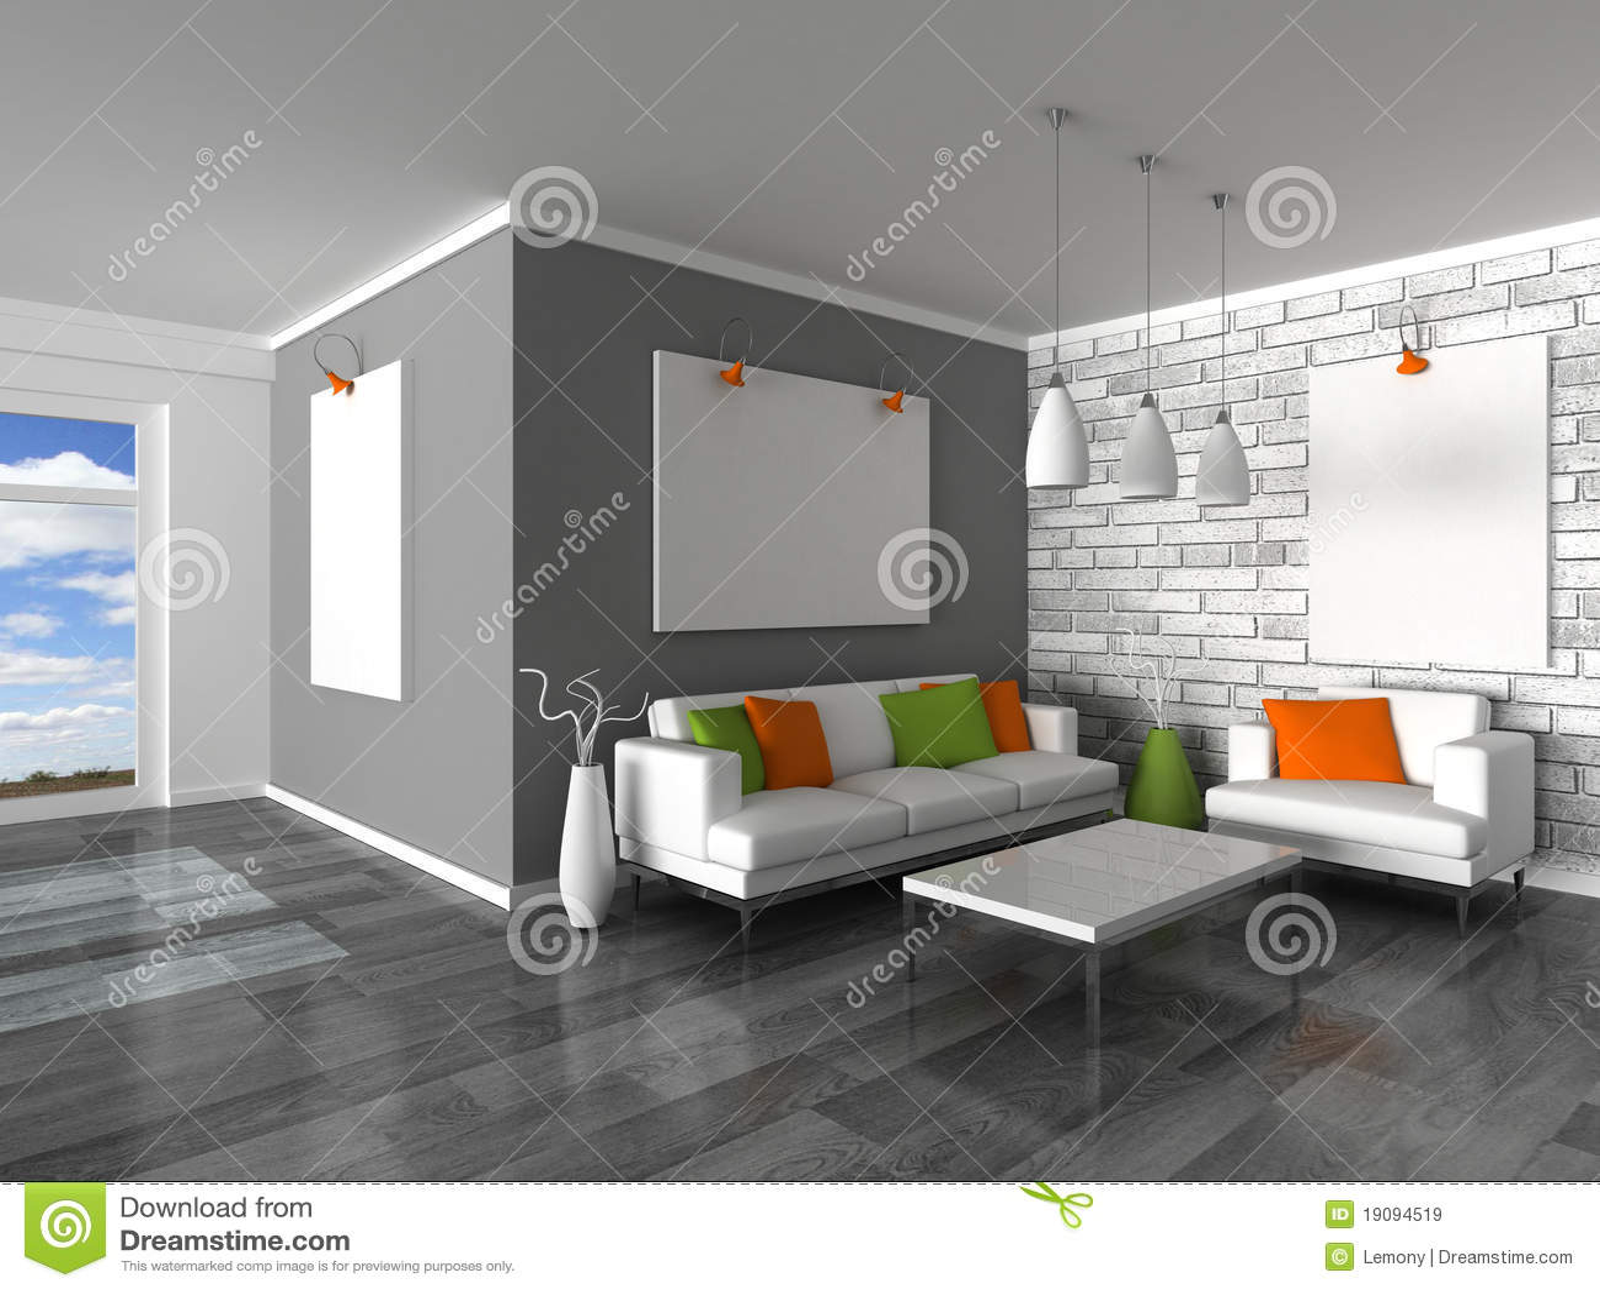 Binnenland van de moderne ruimte de grijze muur en wit s royalty vrije stock afbeeldingen - Muur van de ingang ...